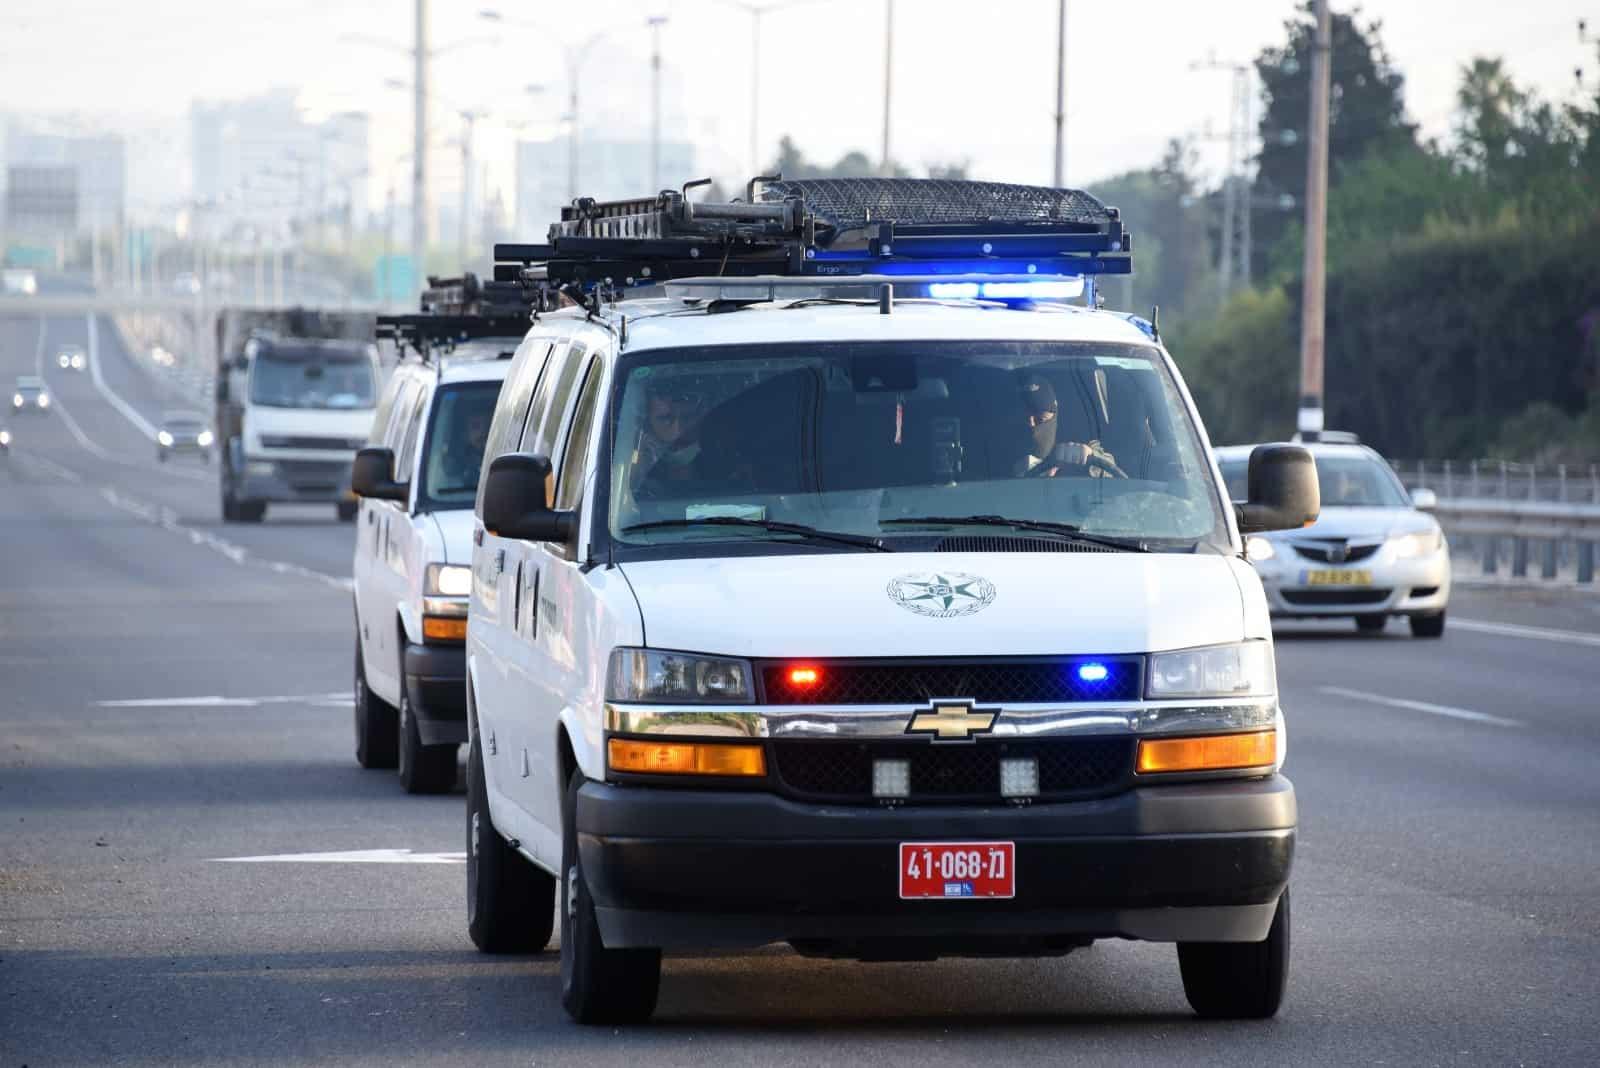 ניידת משטרה. צילום: משטרה